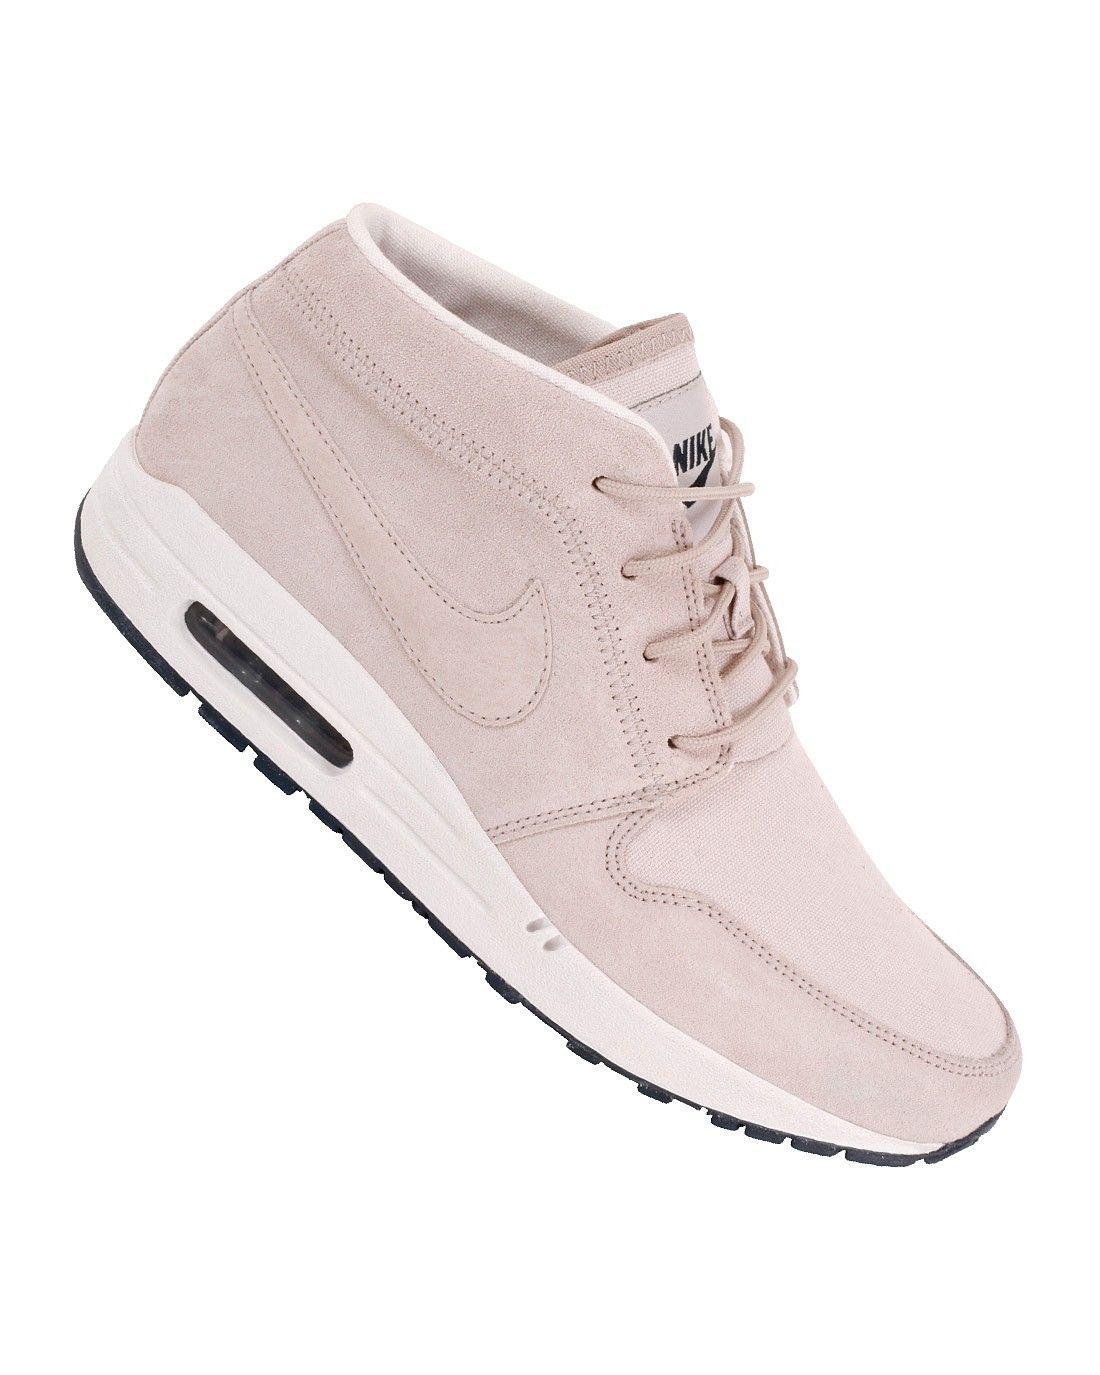 d71ca20bf1f Nike Goedkoop Air Jordan Fusion Dames & Heren verkoop online g,Modern Style  and beautiful color.